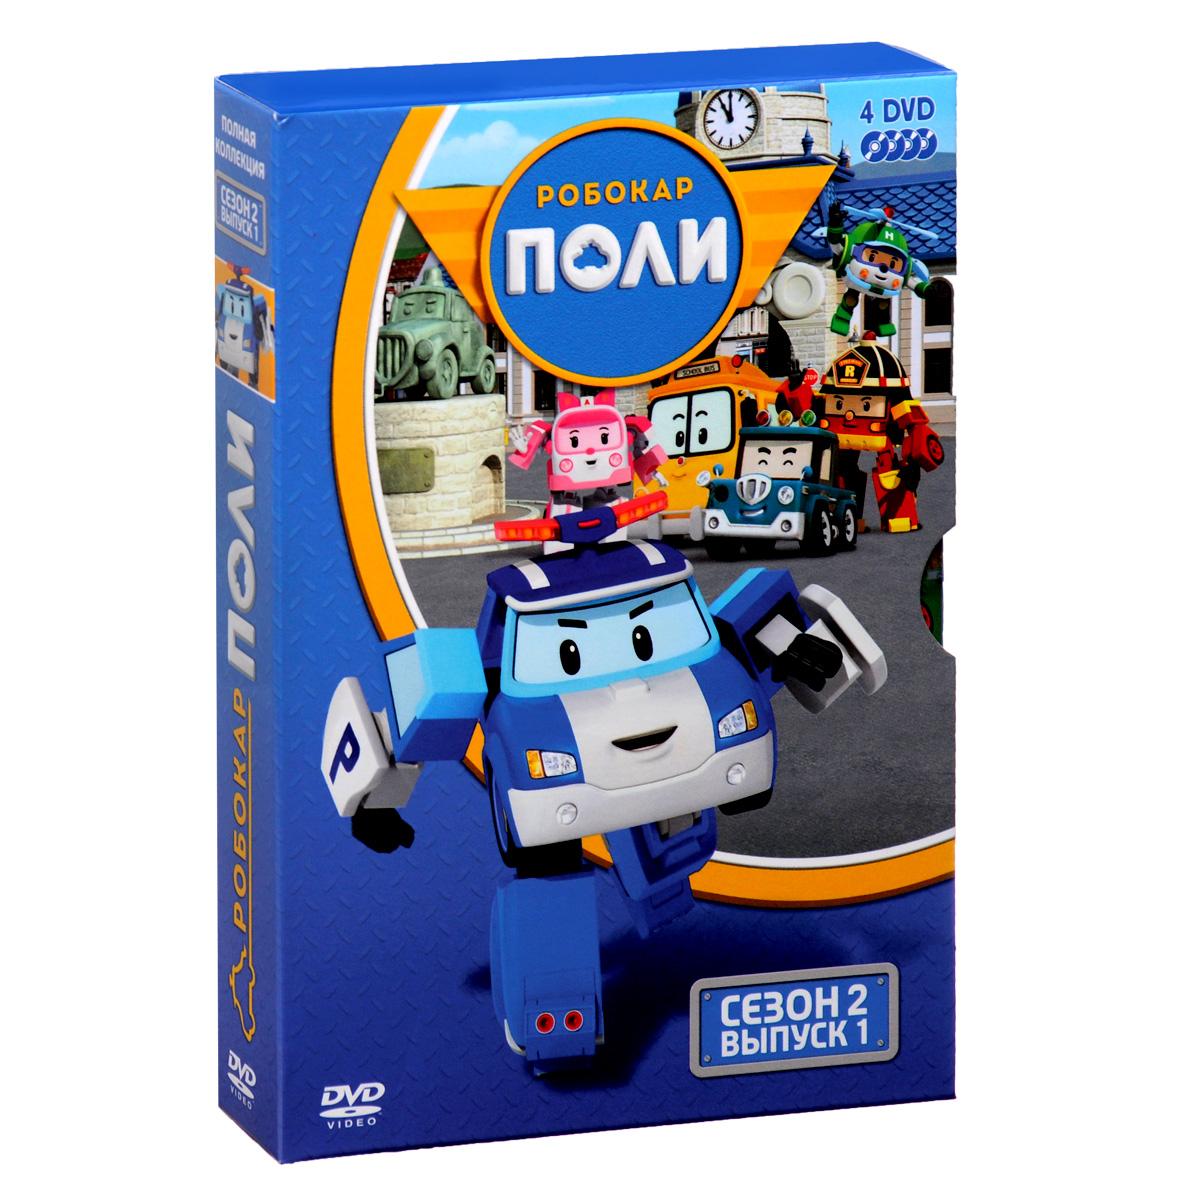 Робокар Поли: Полная коллекция: Сезон 2, выпуск 1 (4 DVD) other tamehome 2015 1 4 hifi